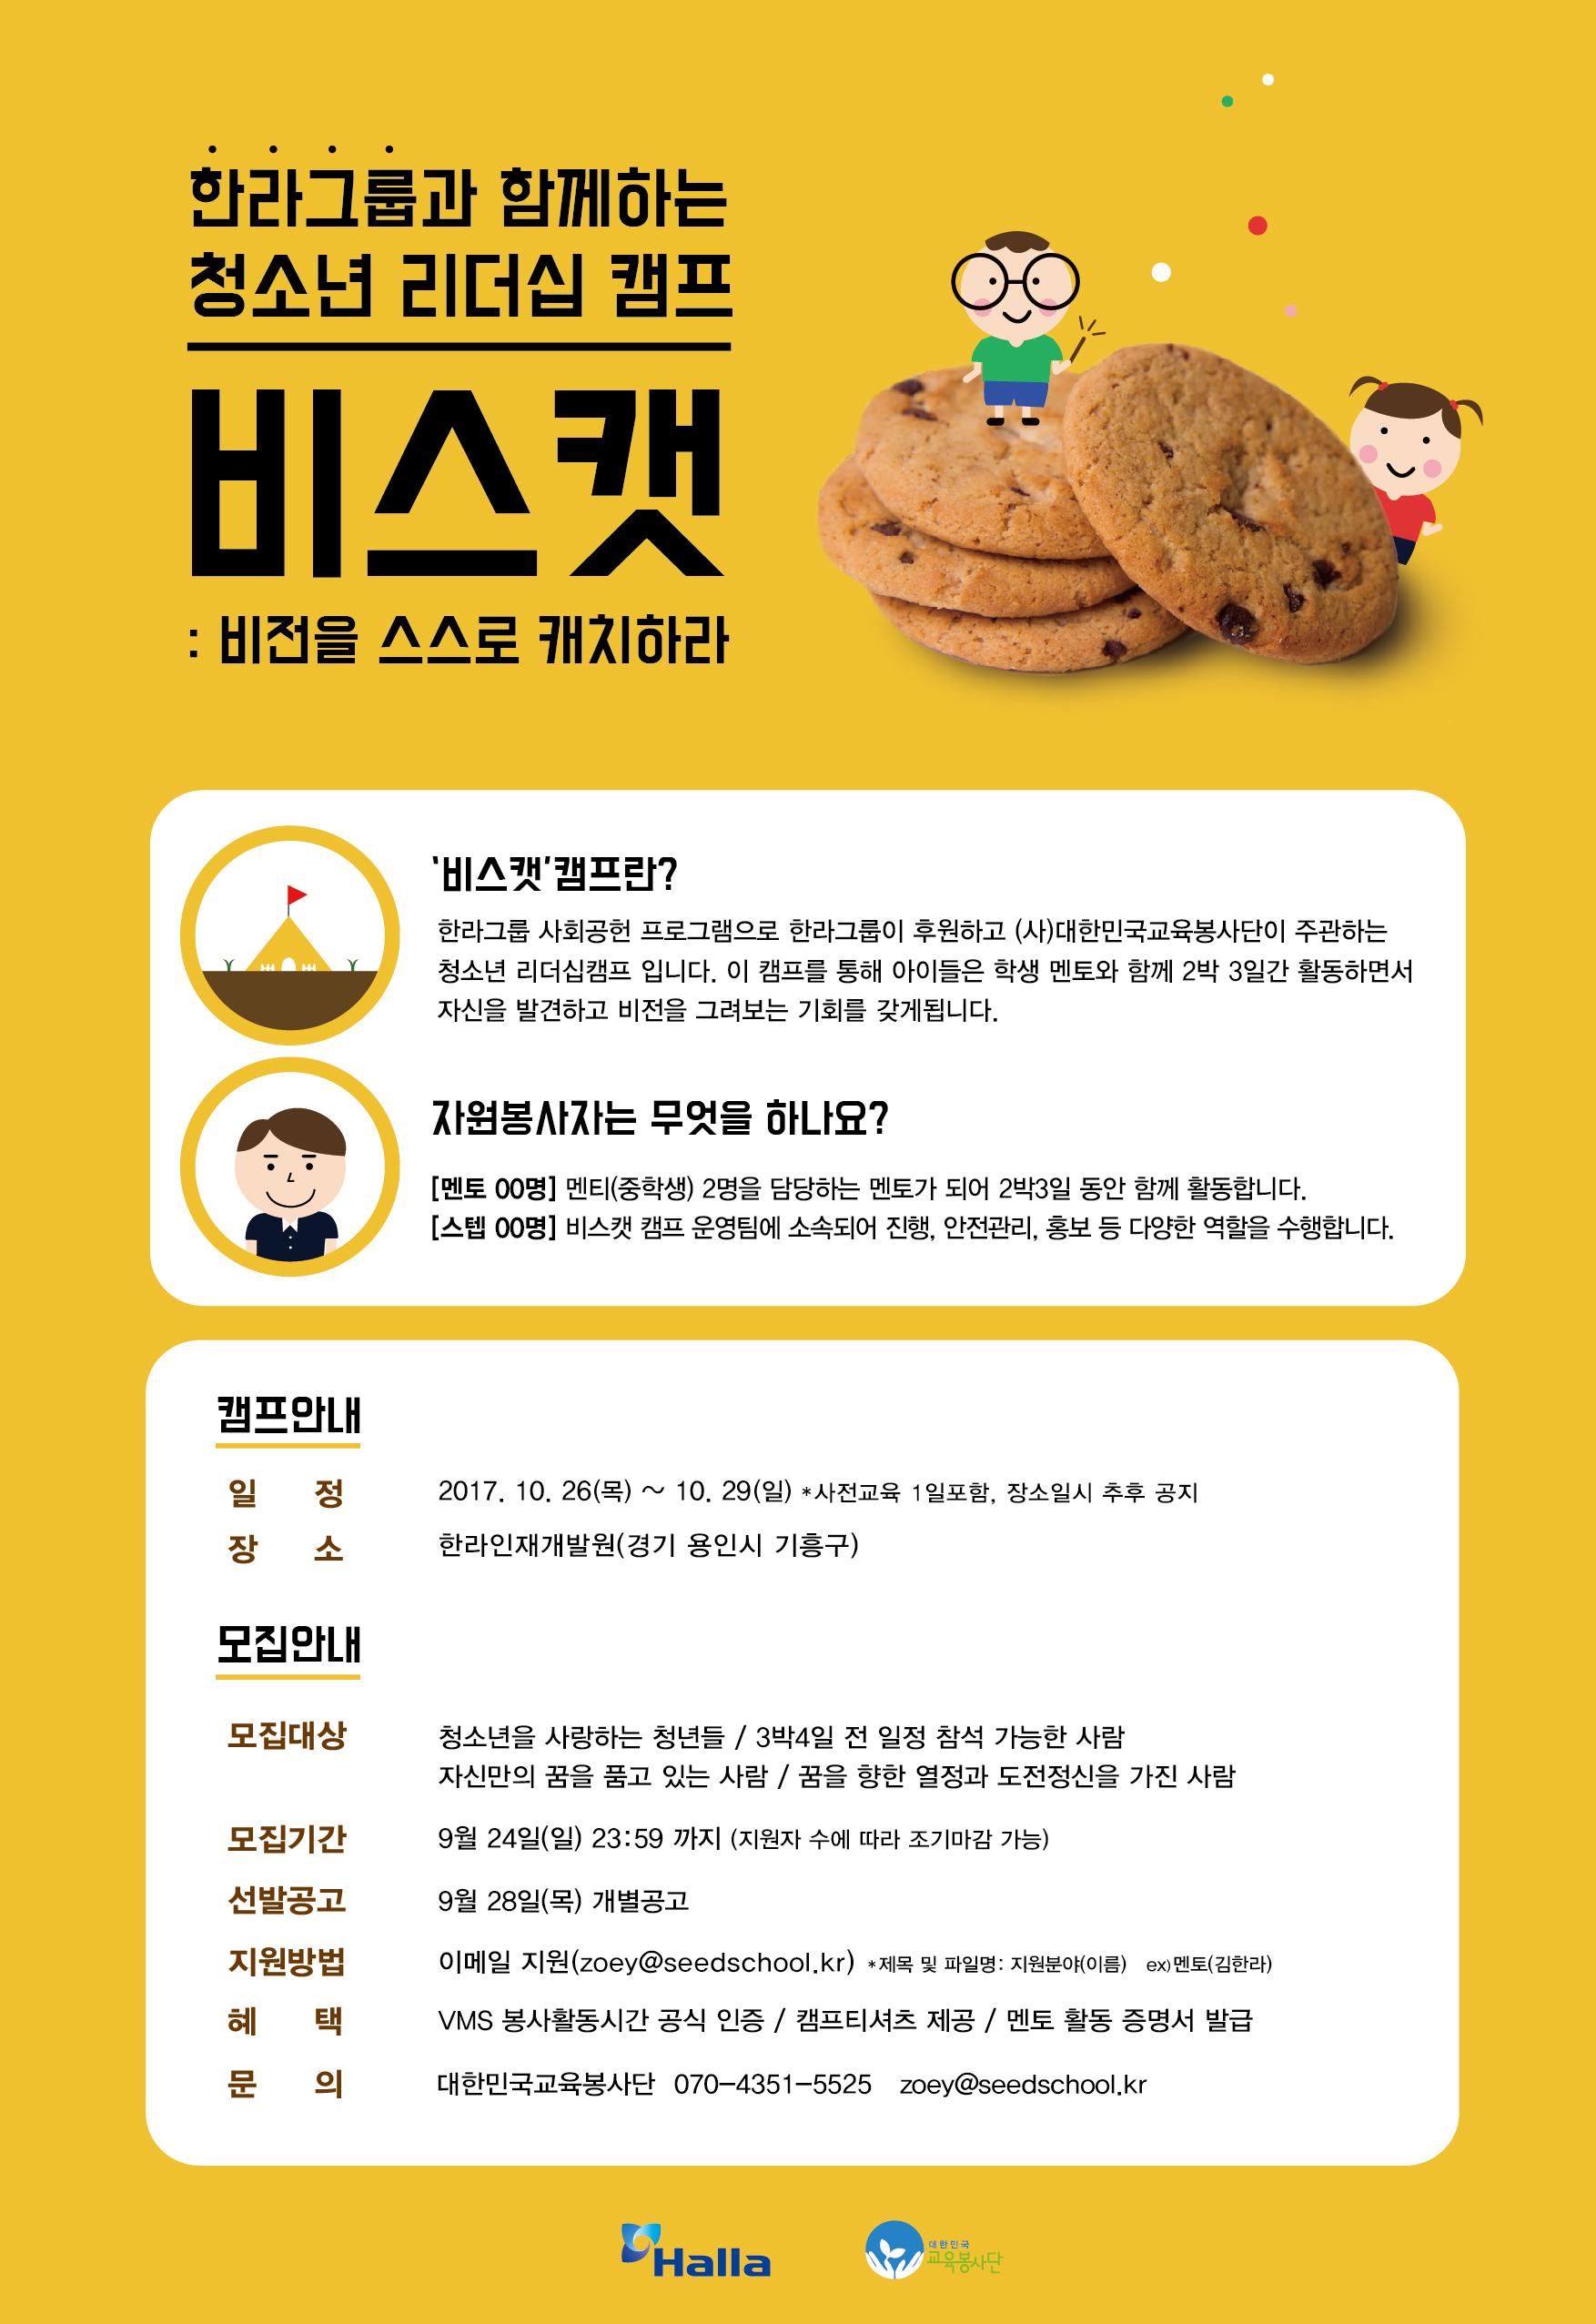 2017.10 비스캣캠프 봉사자 모집 홍보물.jpg